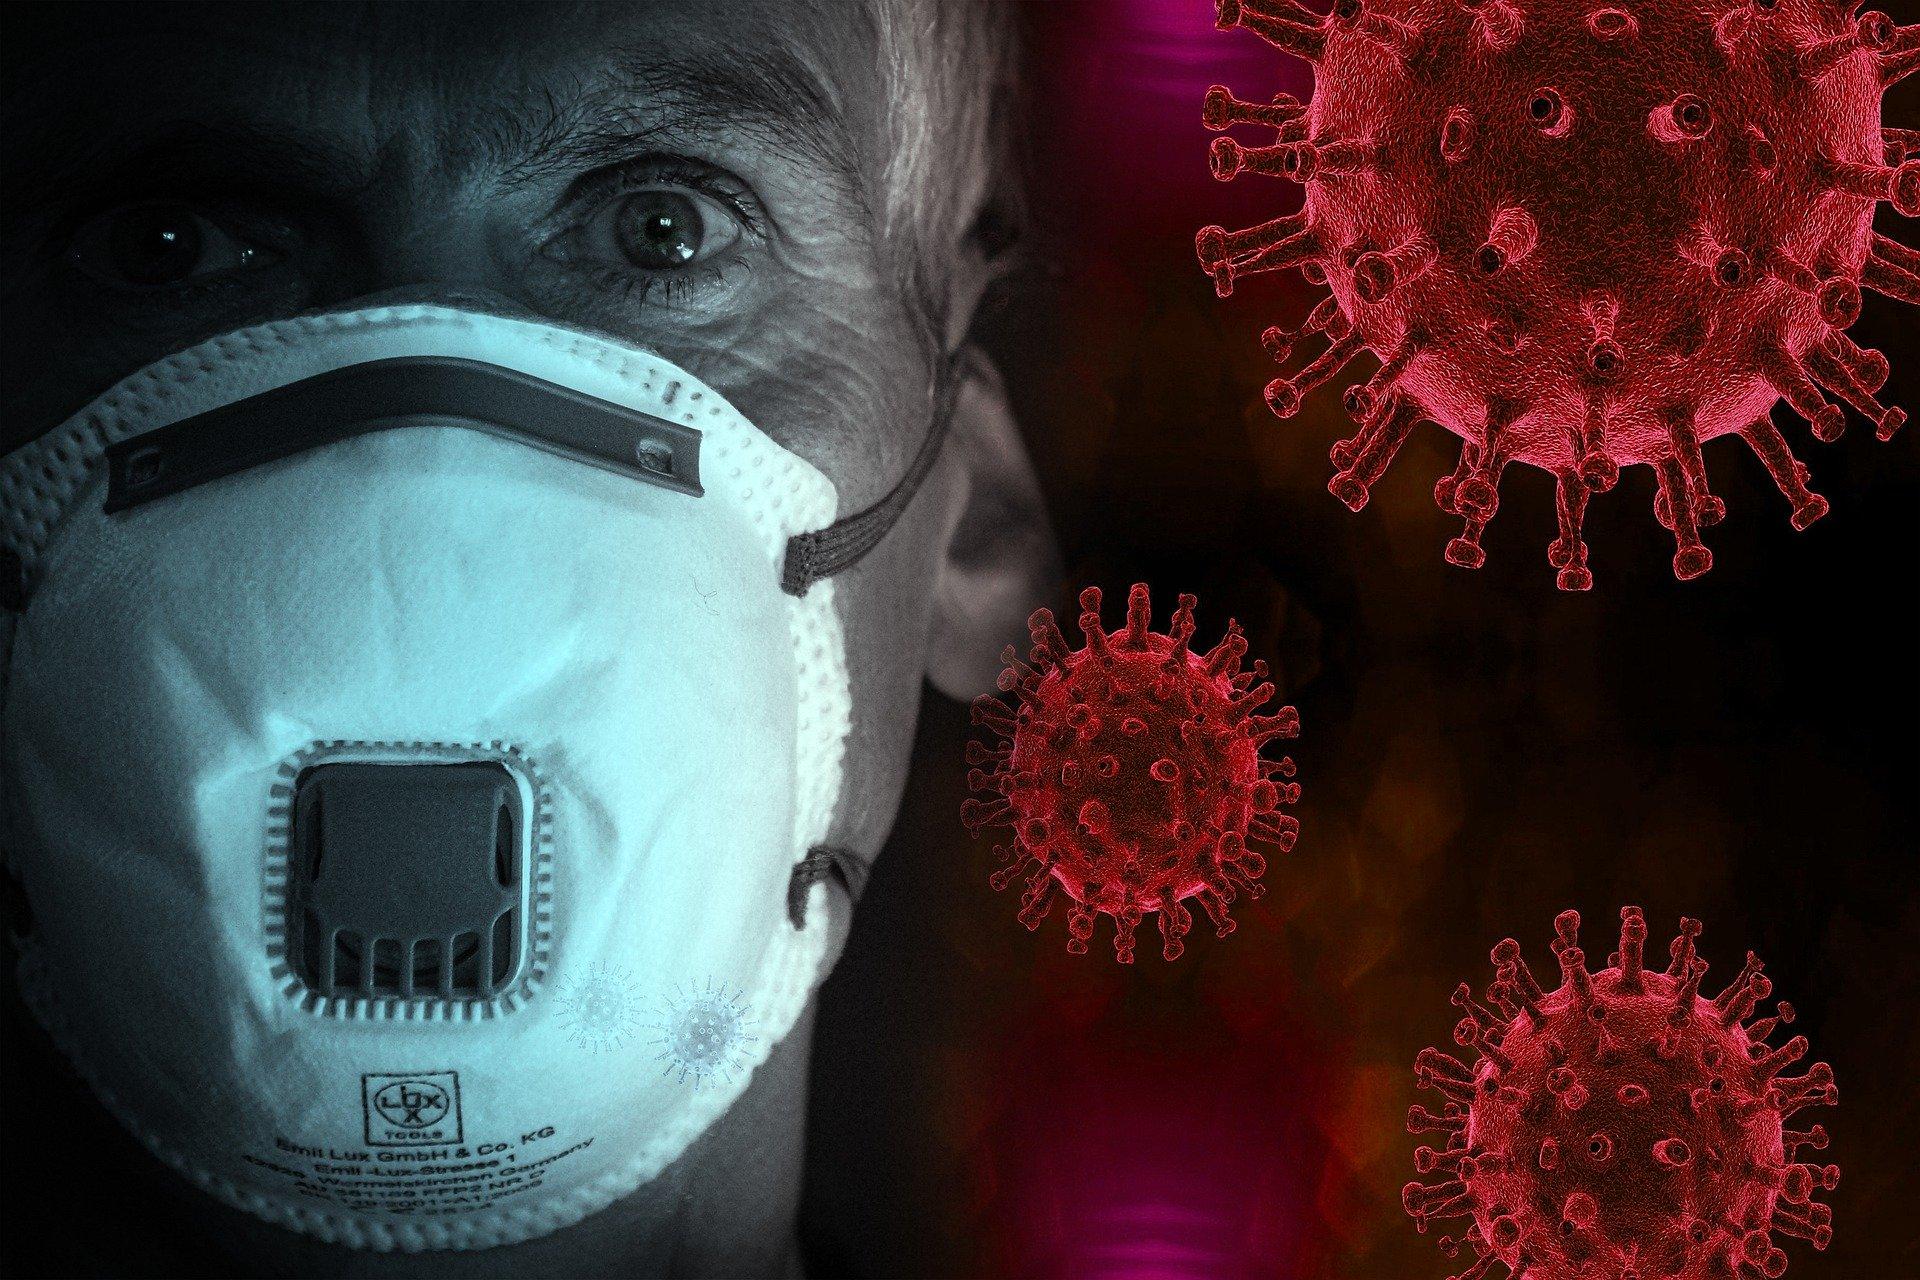 Analisi cliniche Orlotti TEST Antigenico Tampone sars-cov-2